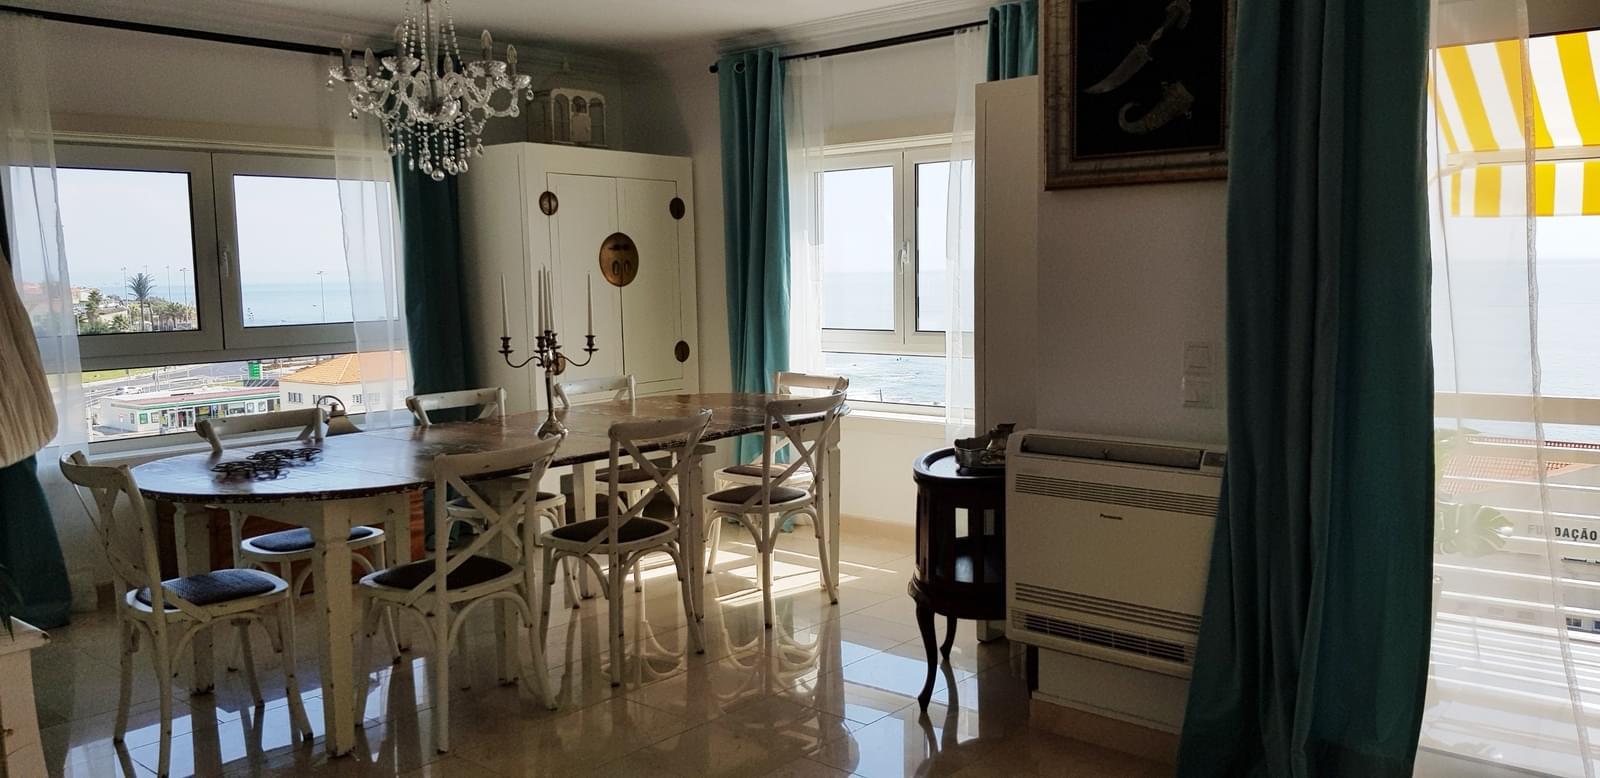 pf18170-apartamento-t3-cascais-64381393-2abe-4809-9813-866095e074df